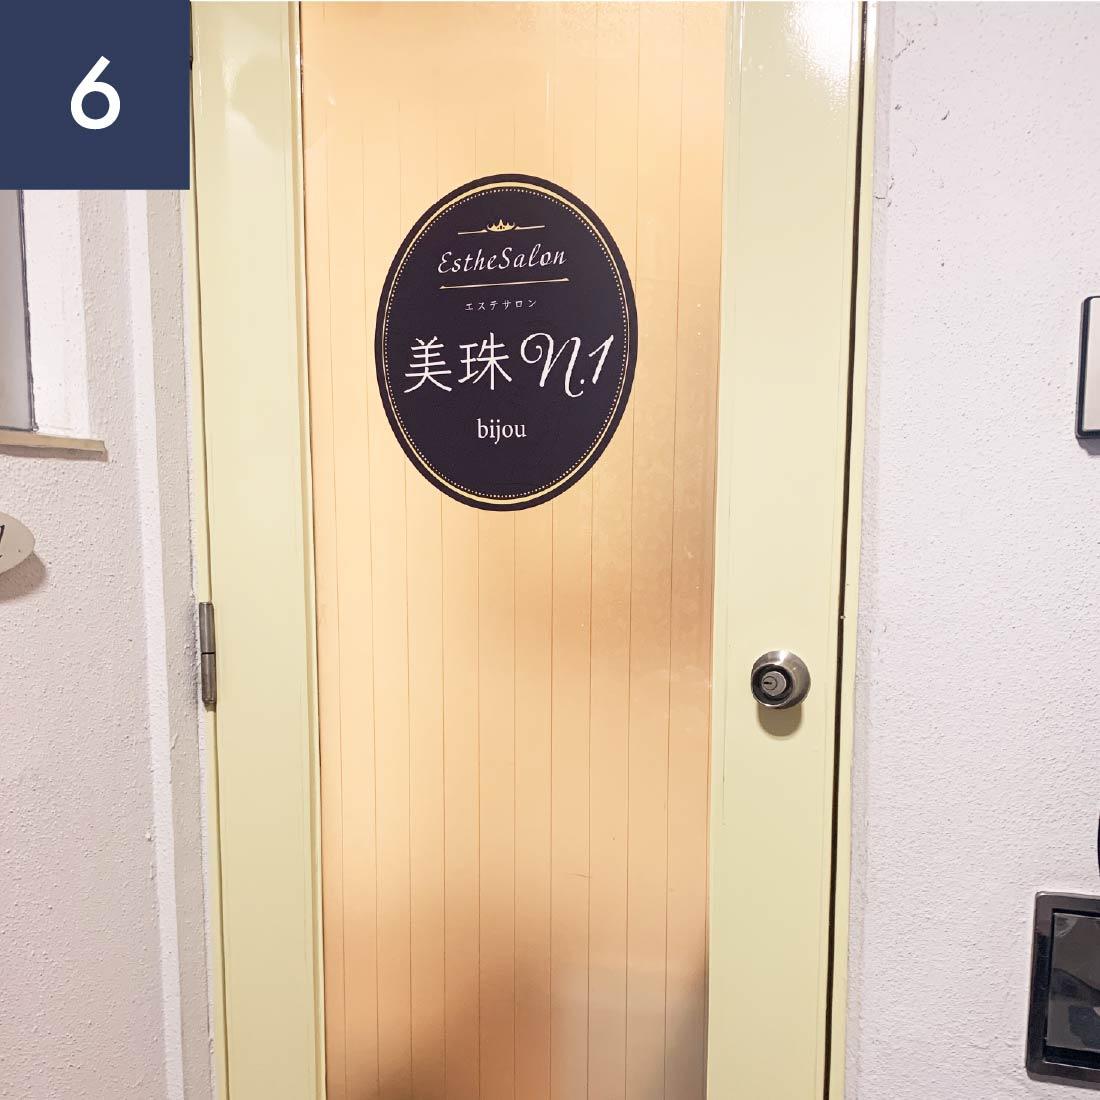 エステサロン美珠n.1 入口(玄関ドア)